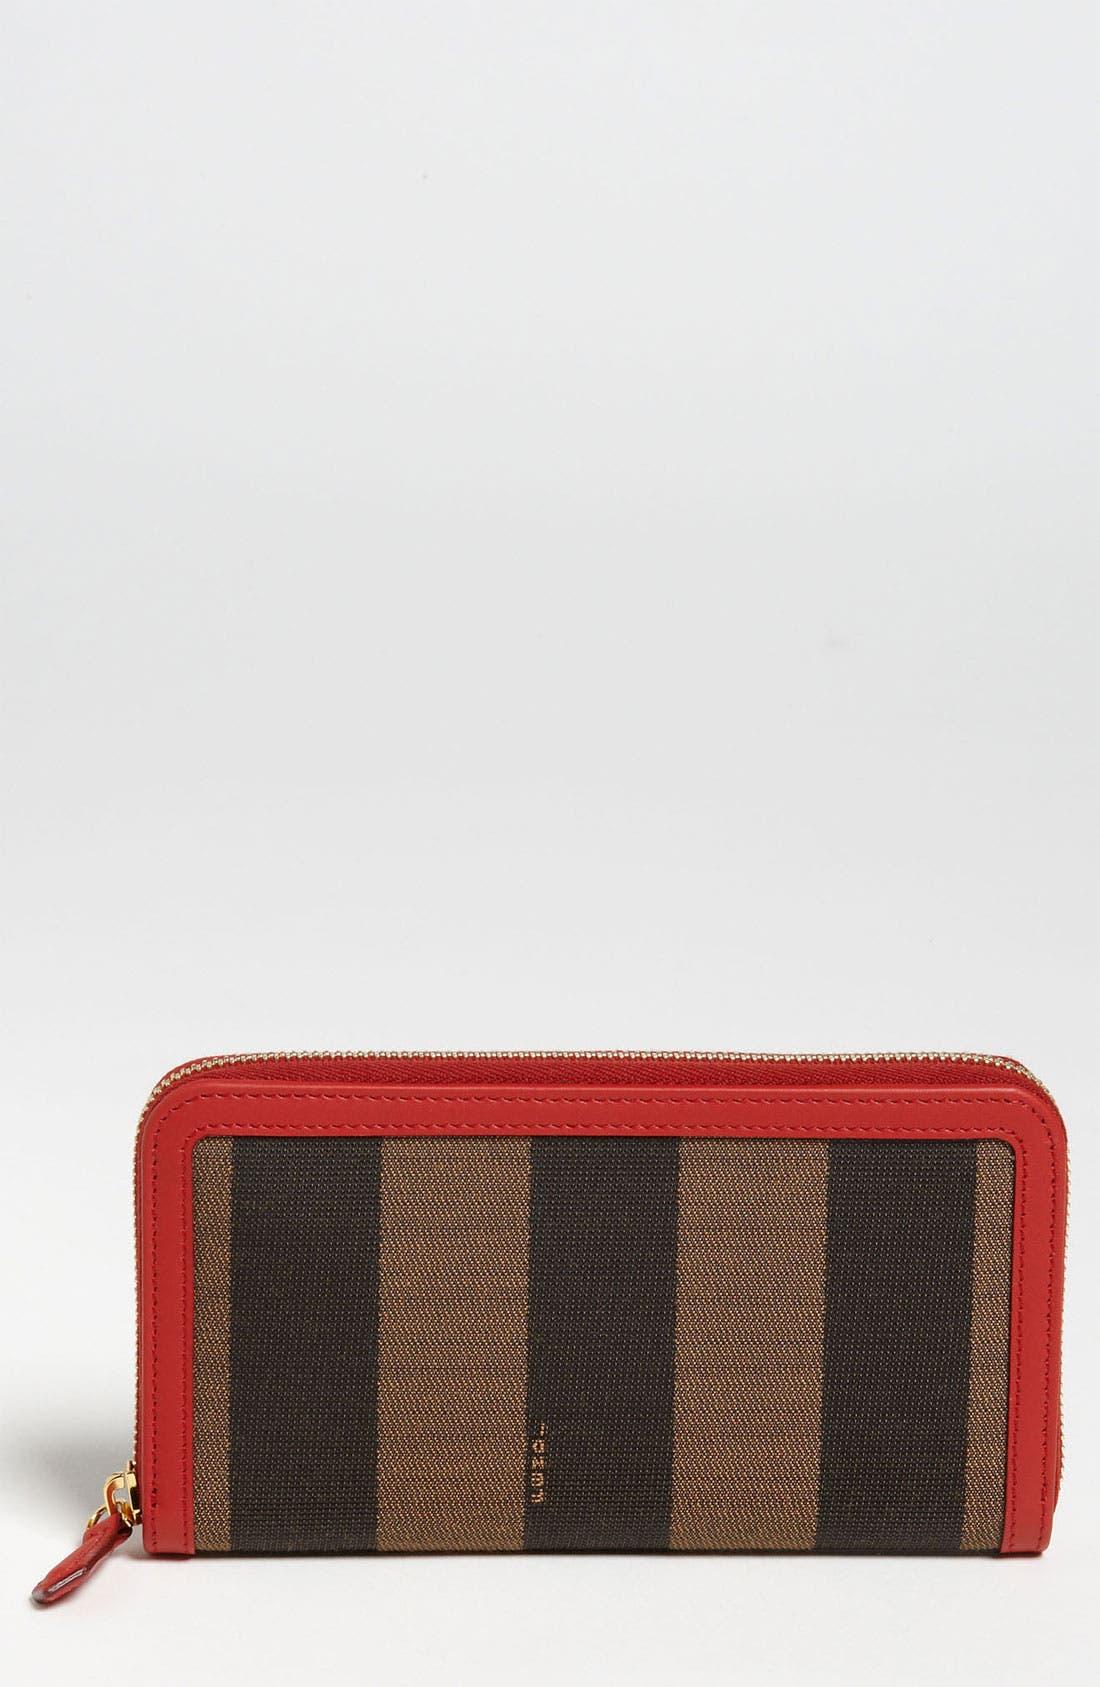 Alternate Image 1 Selected - Fendi 'Pequin' Zip Around Wallet